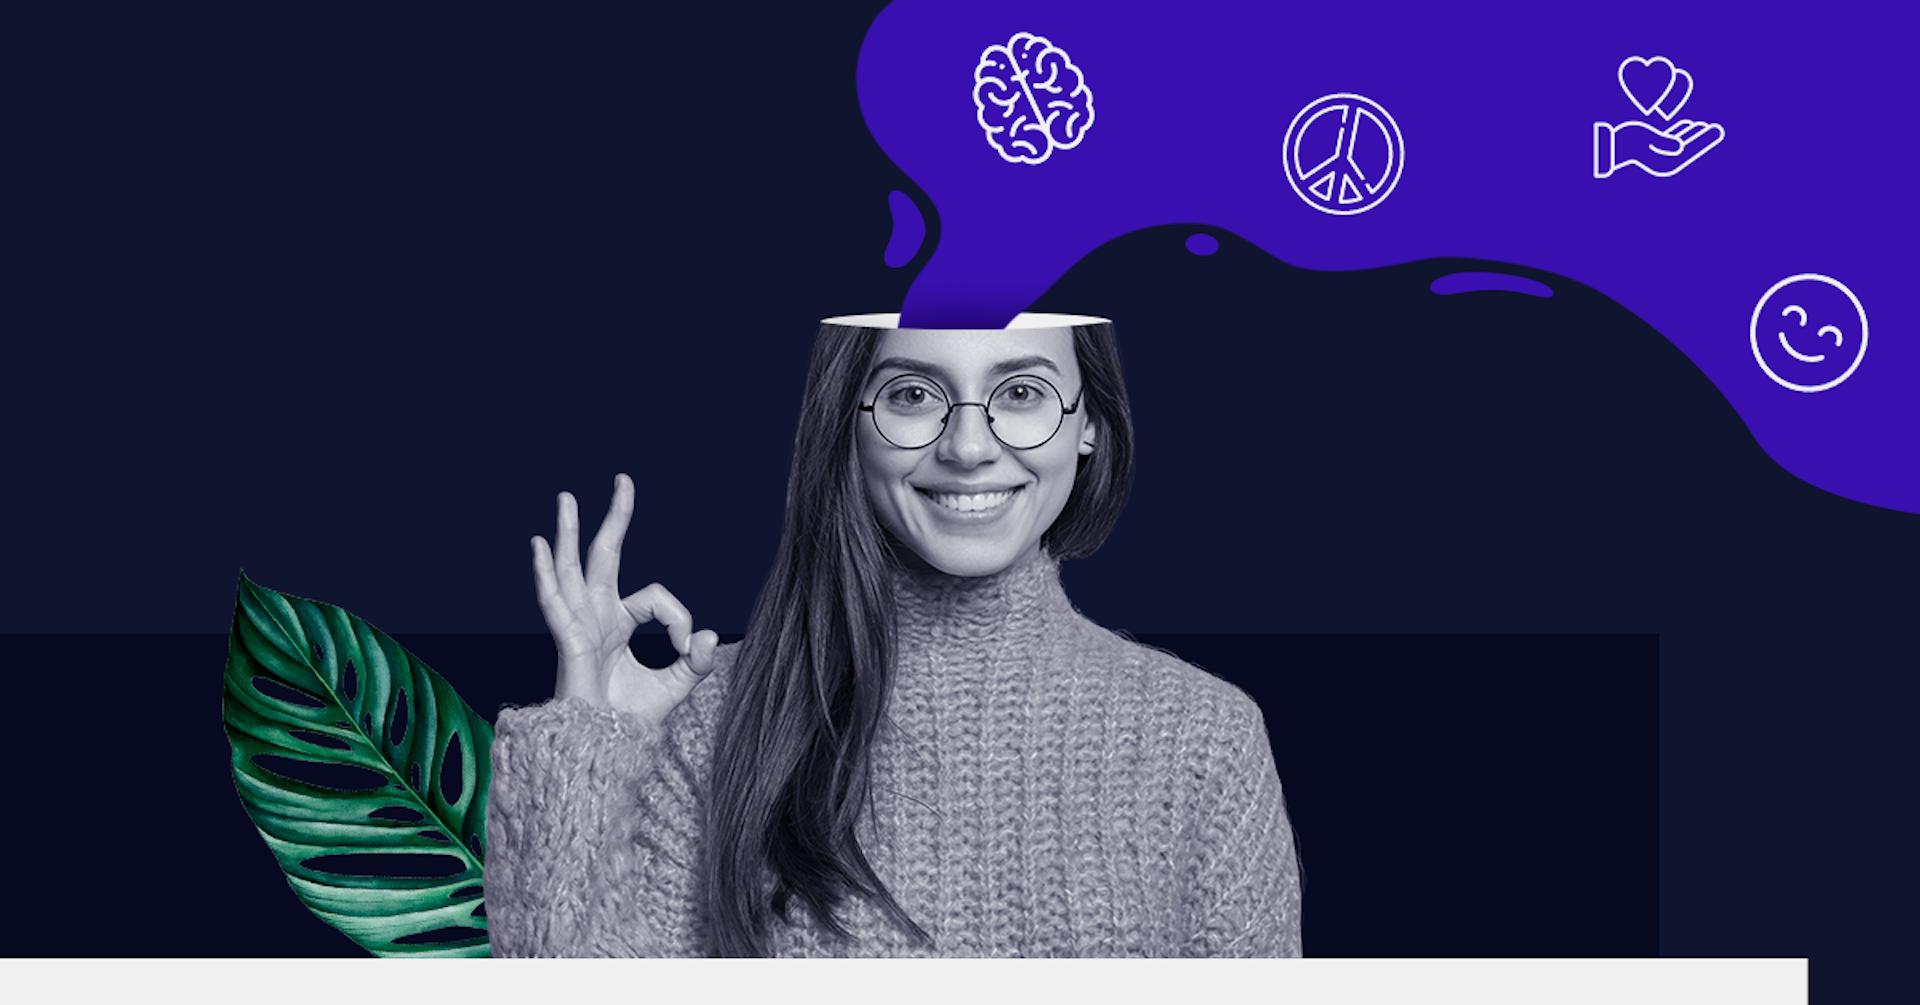 ¿Quieres tomar las mejores decisiones? Conoce los modelos mentales e impulsa tu productividad